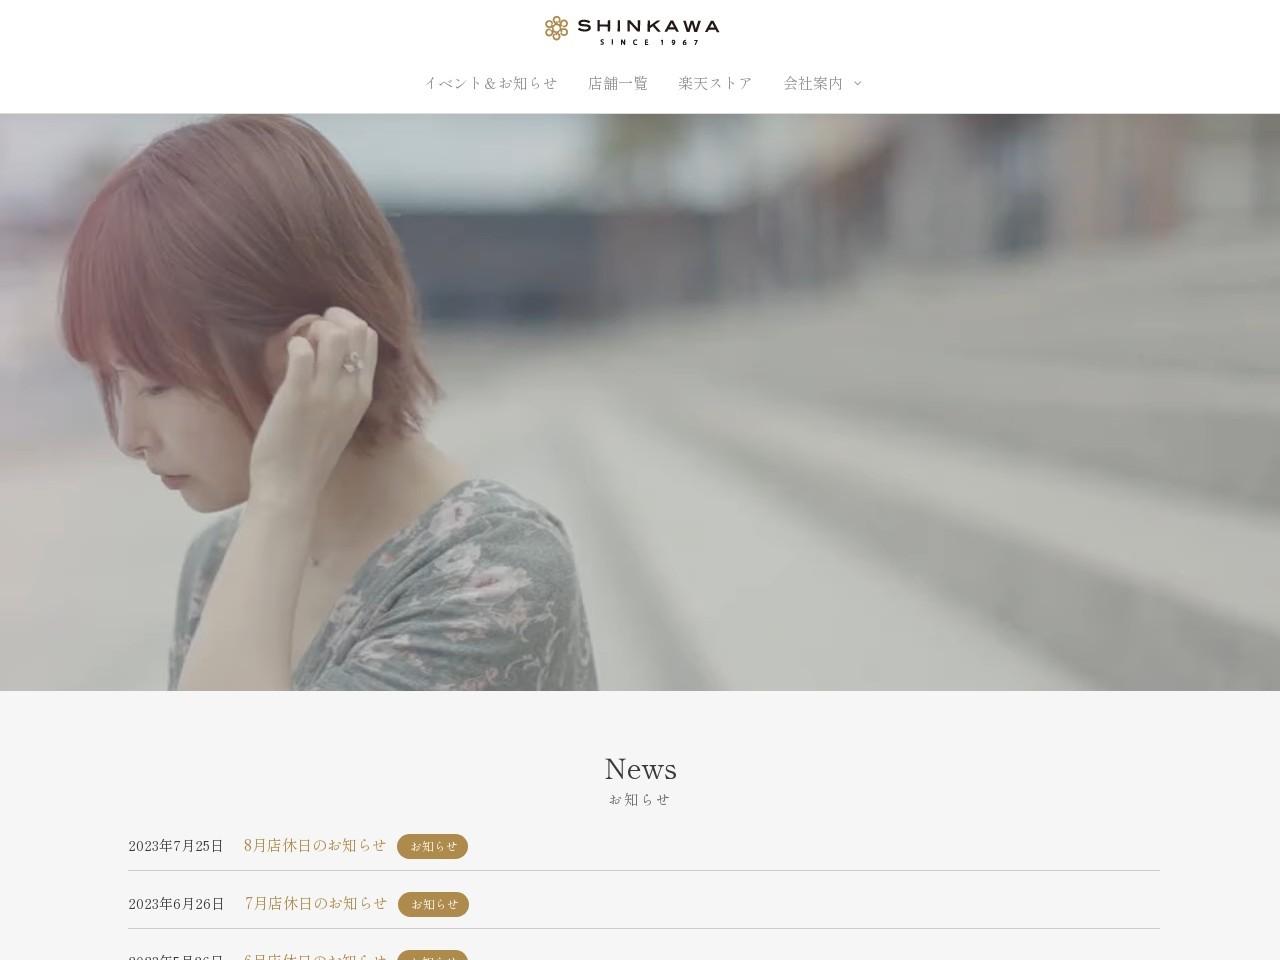 SHINKAWA | 広島で宝石・時計・ブライダルを選ぶなら新川 |